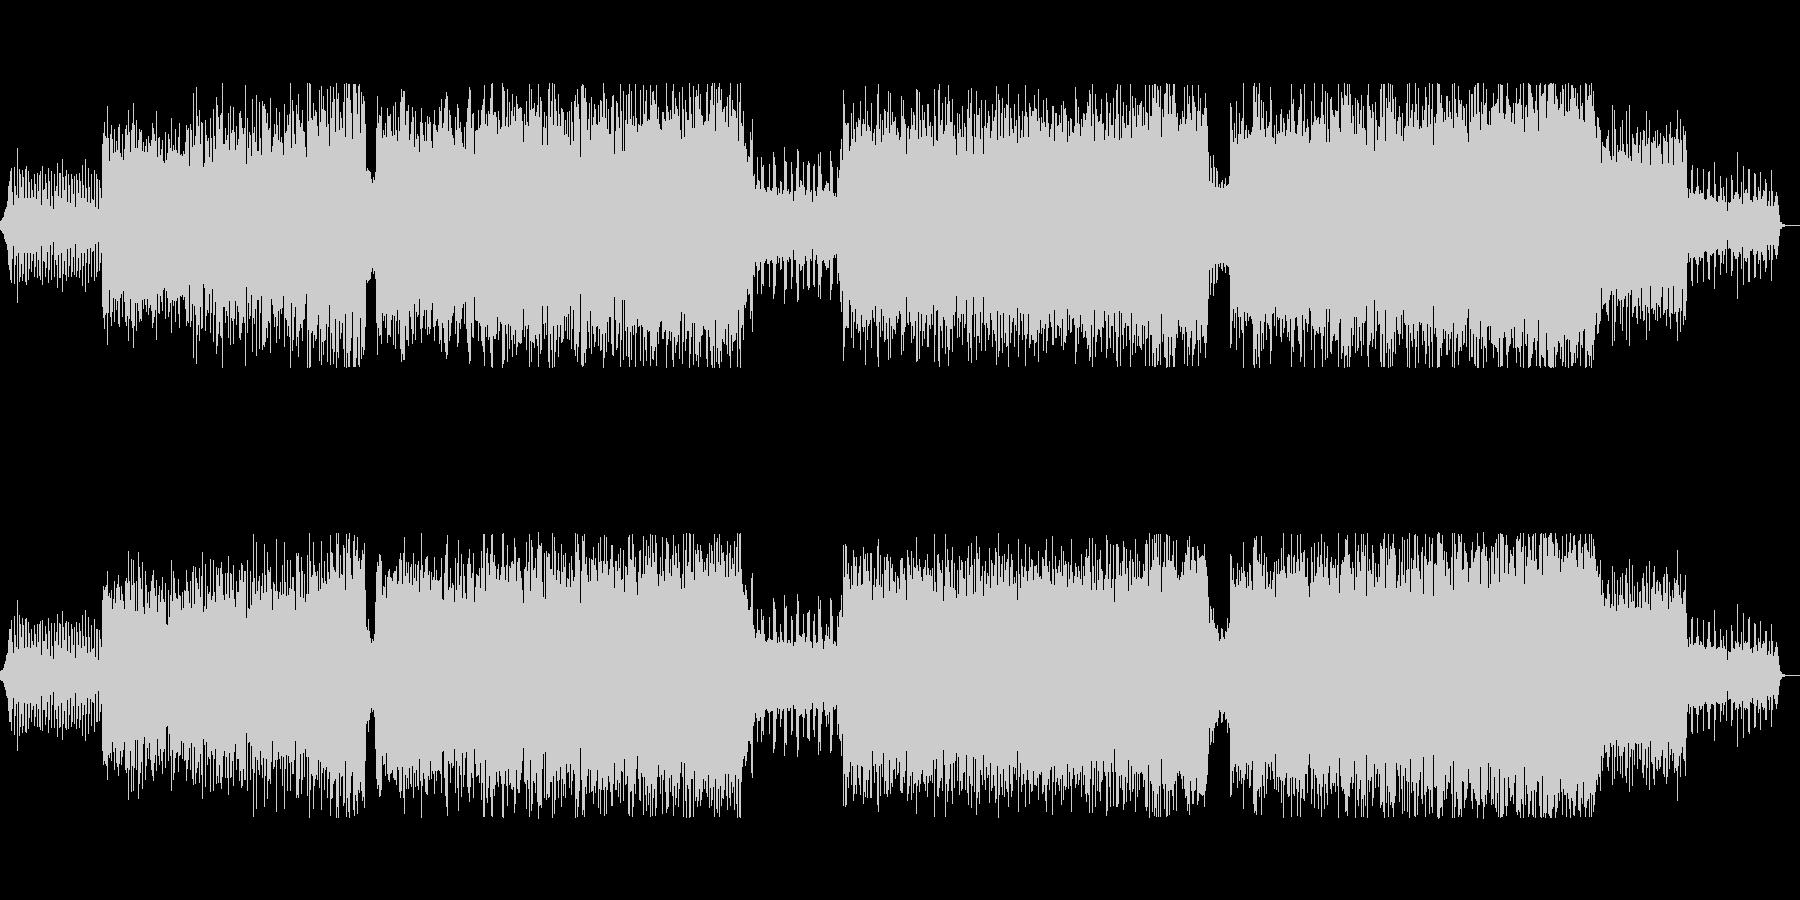 ギターのフレーズが印象的なトランスの未再生の波形